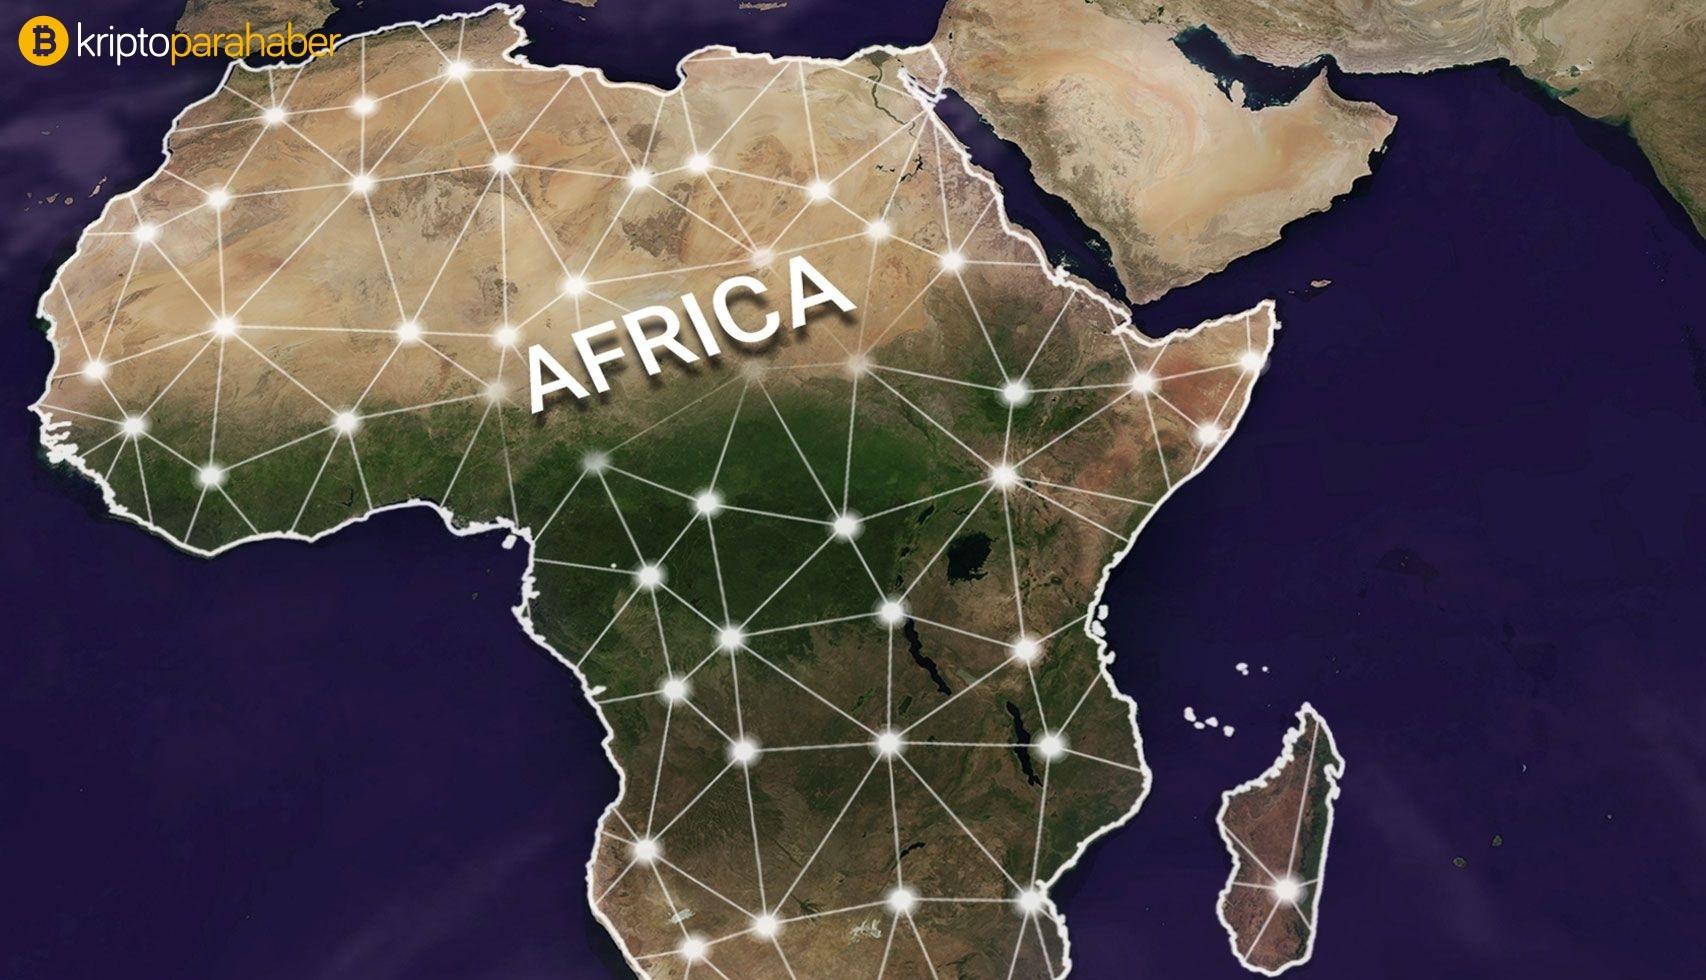 Son Dakika: Nijerya'nın dijital parası için resmi duyuru tarihi açıklandı!